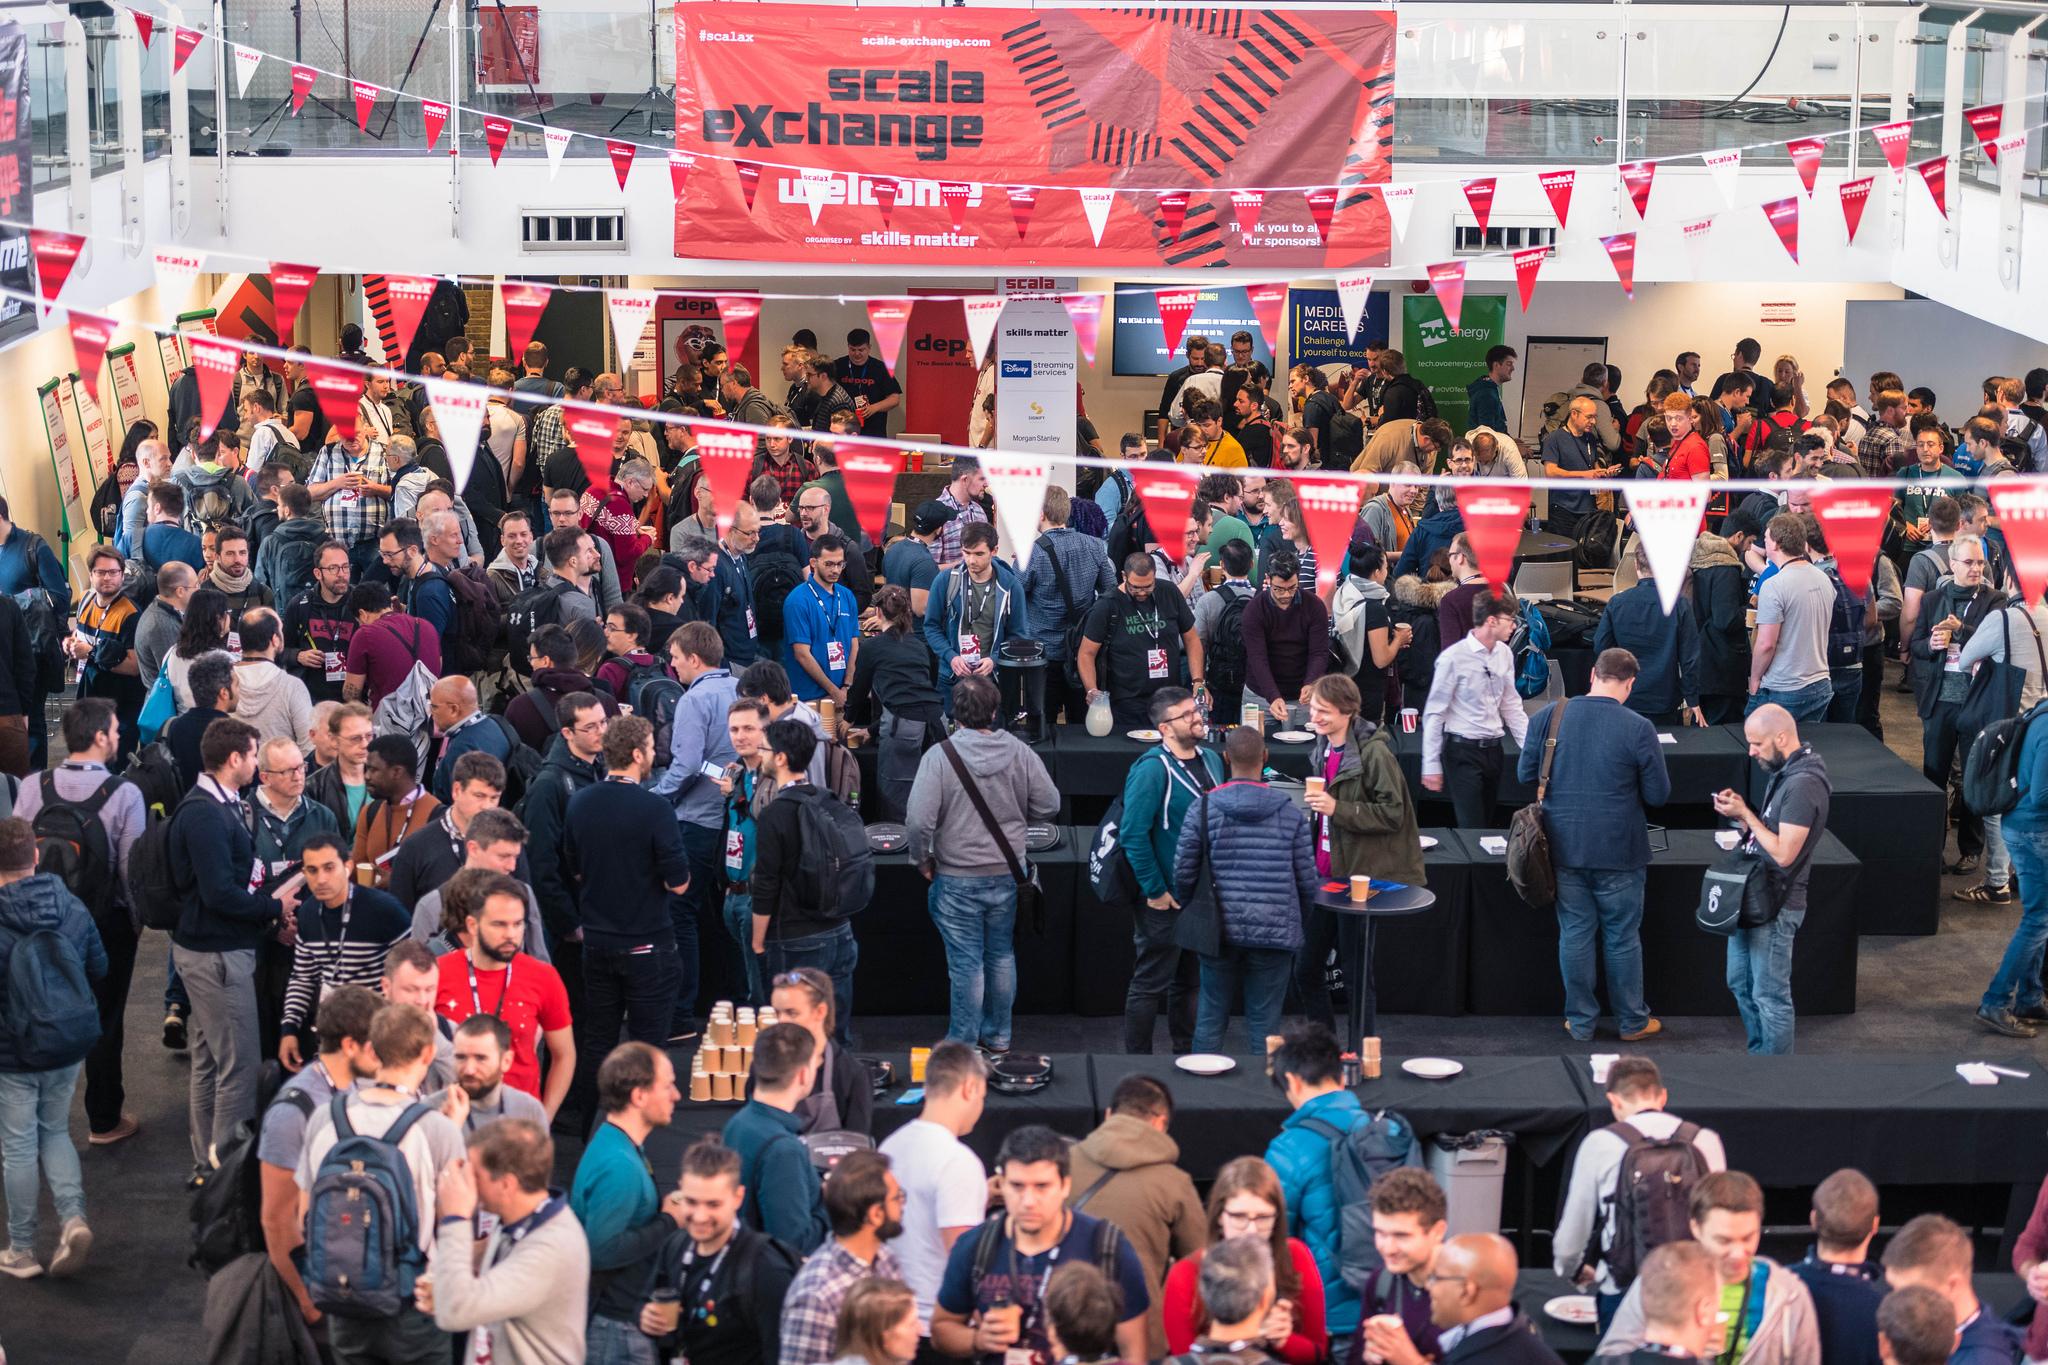 Scala eXchange London 2019 | 12th - 13th Dec 2019 | London